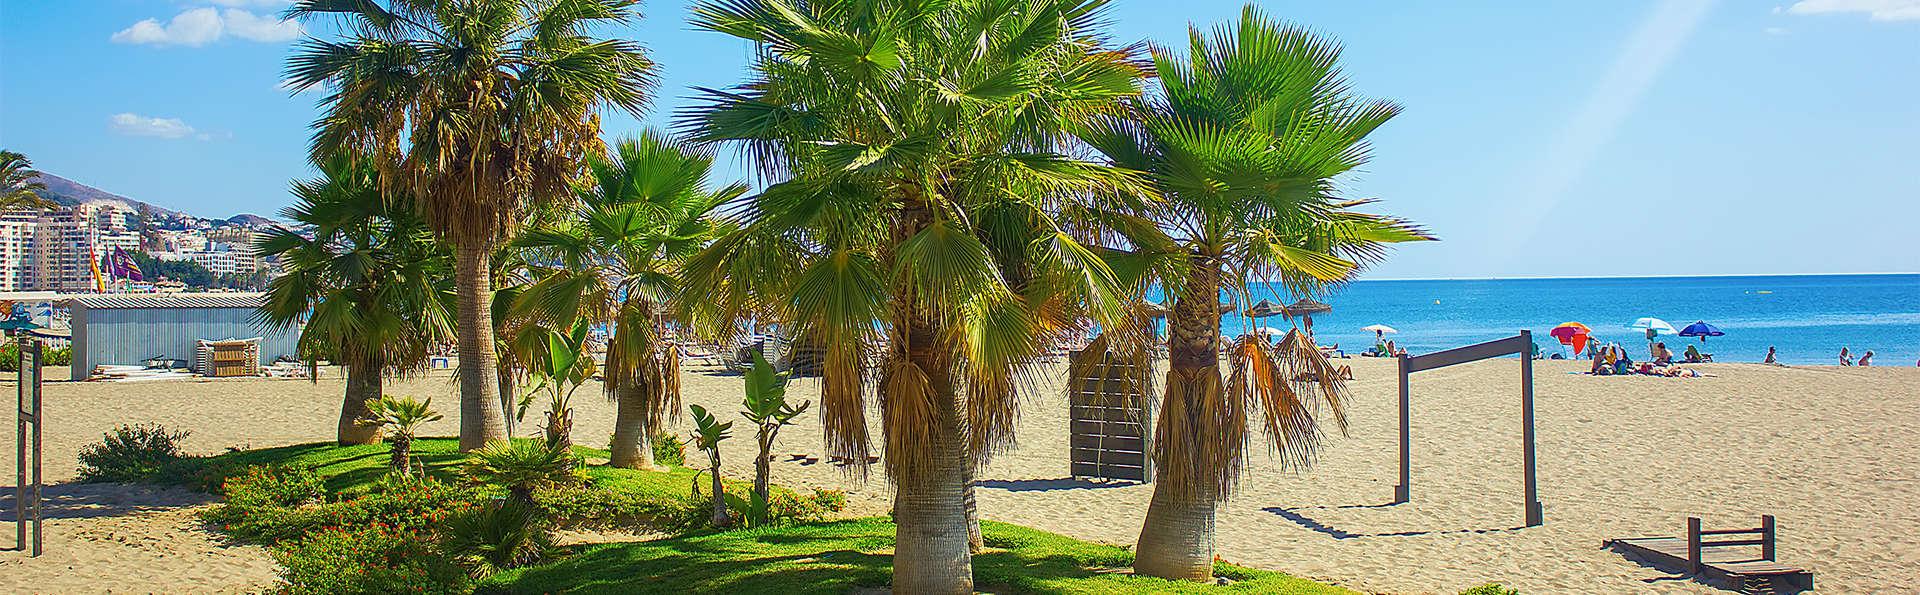 Week-end avec tapas près de la plage de Fuengirola